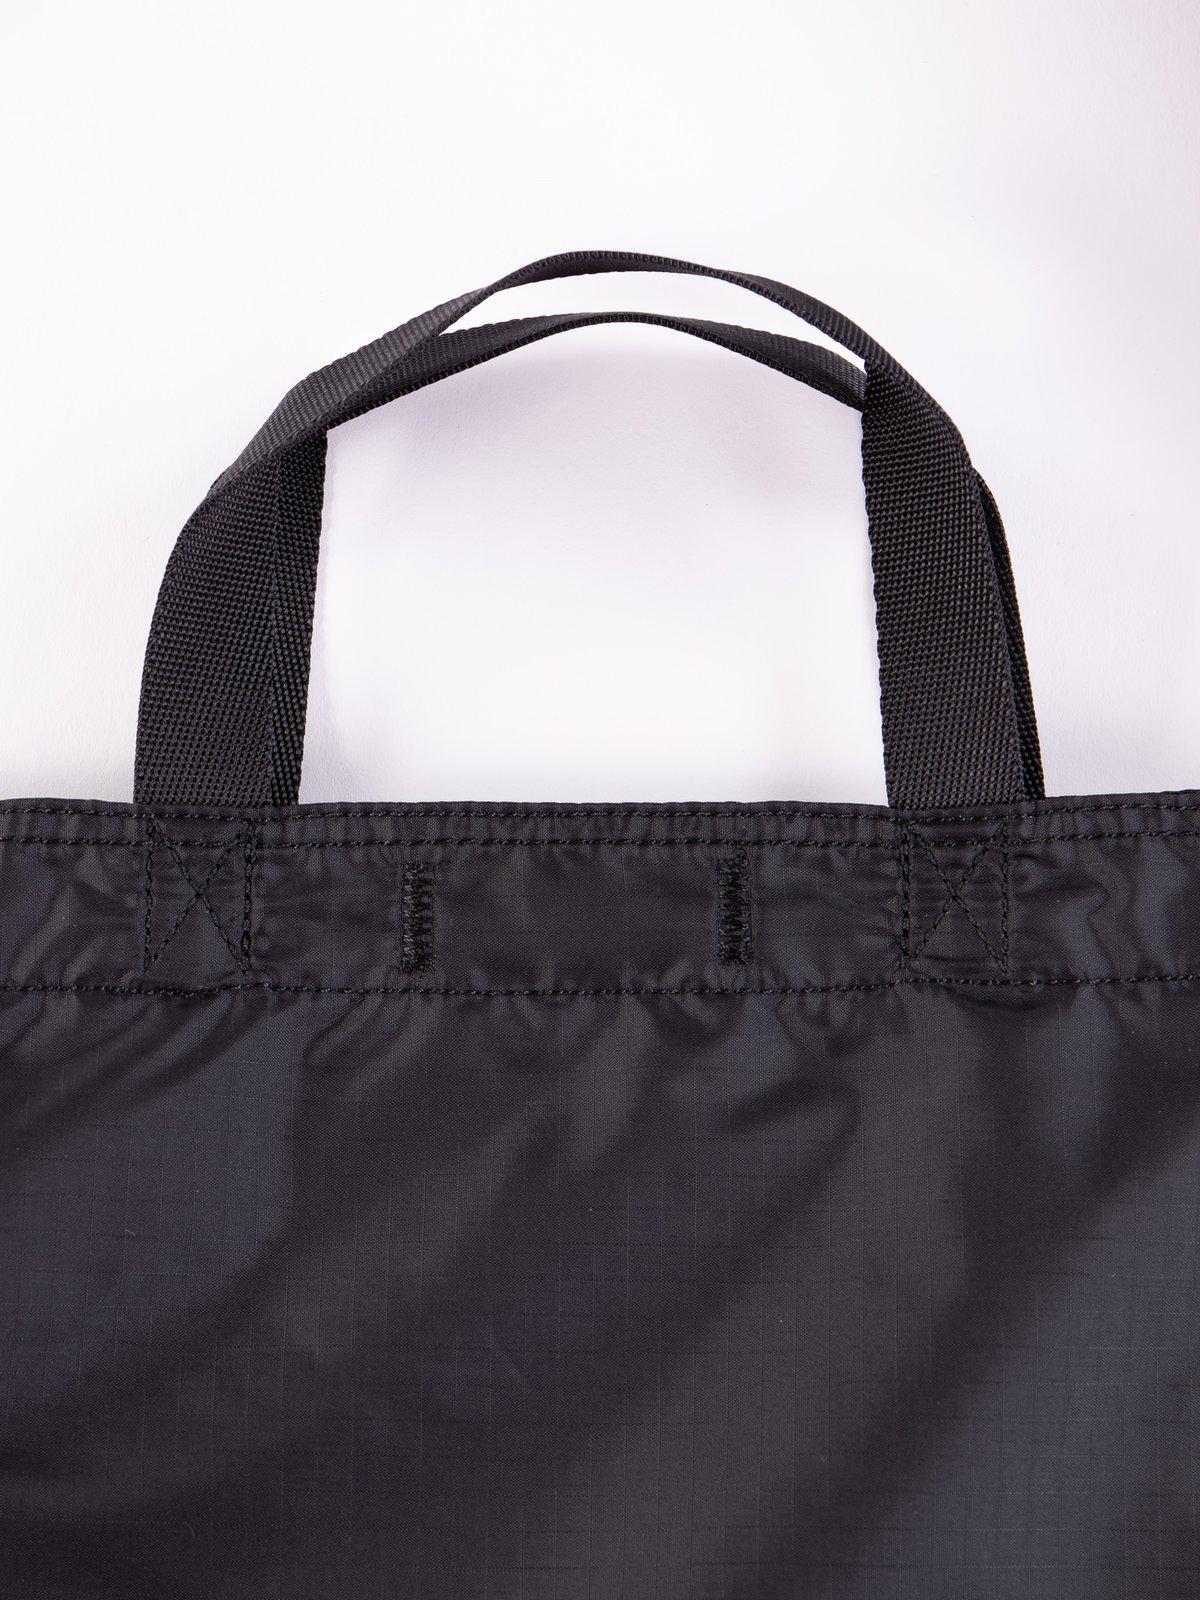 Black Flex 2Way Shoulder Bag - Image 3